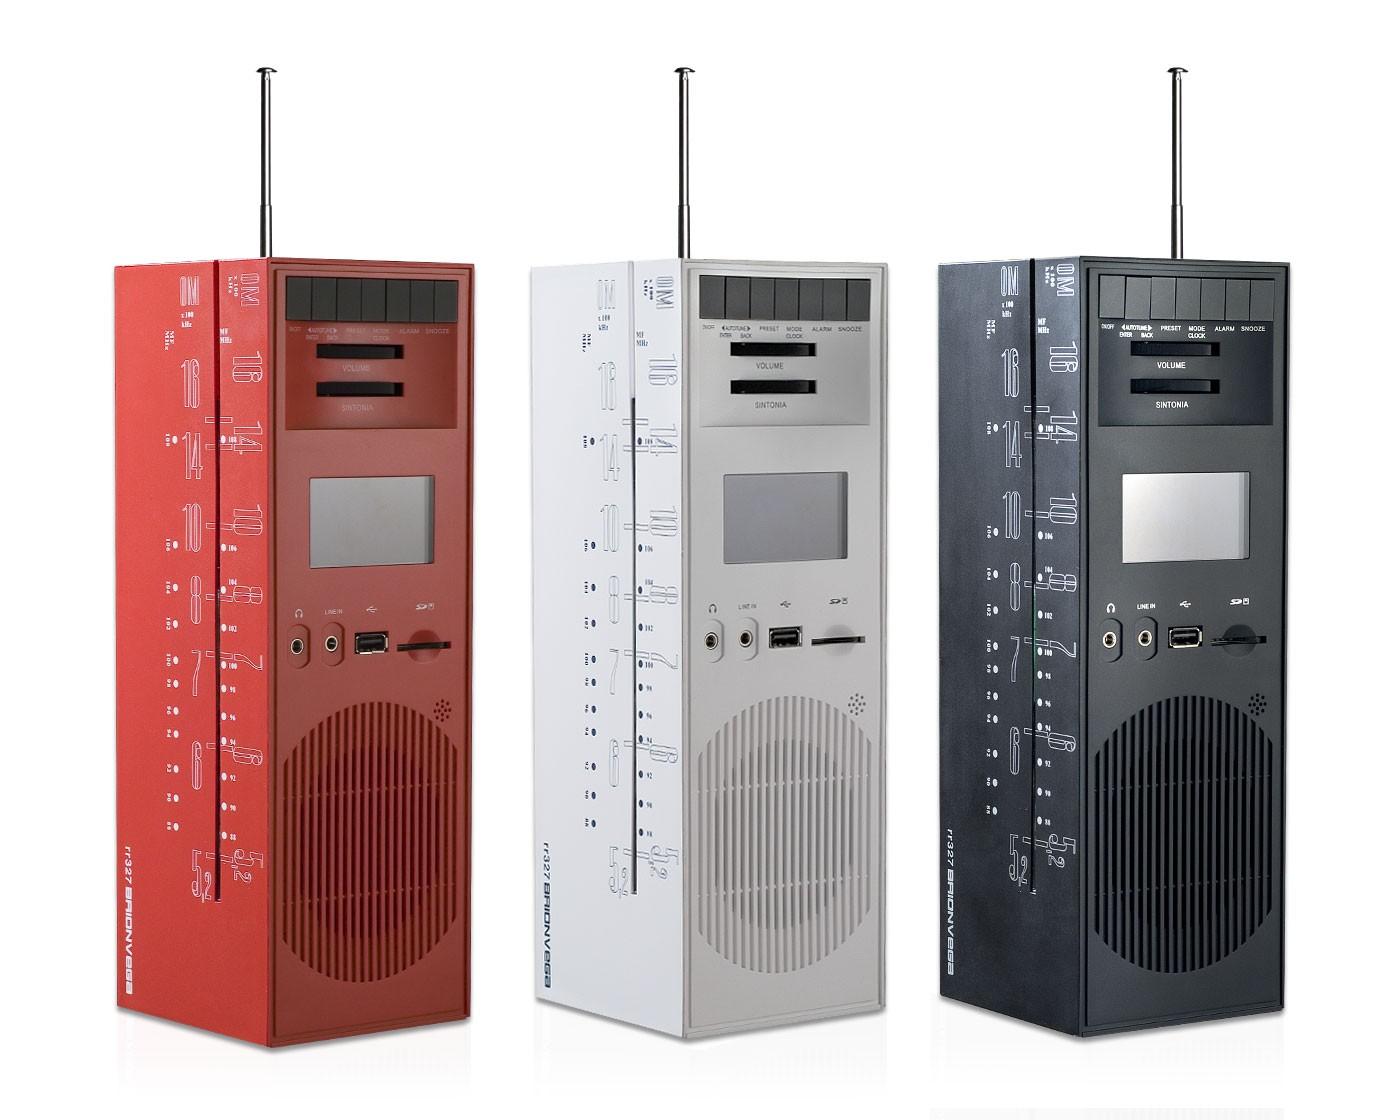 Brionvega Backgrounds, Compatible - PC, Mobile, Gadgets| 1400x1120 px